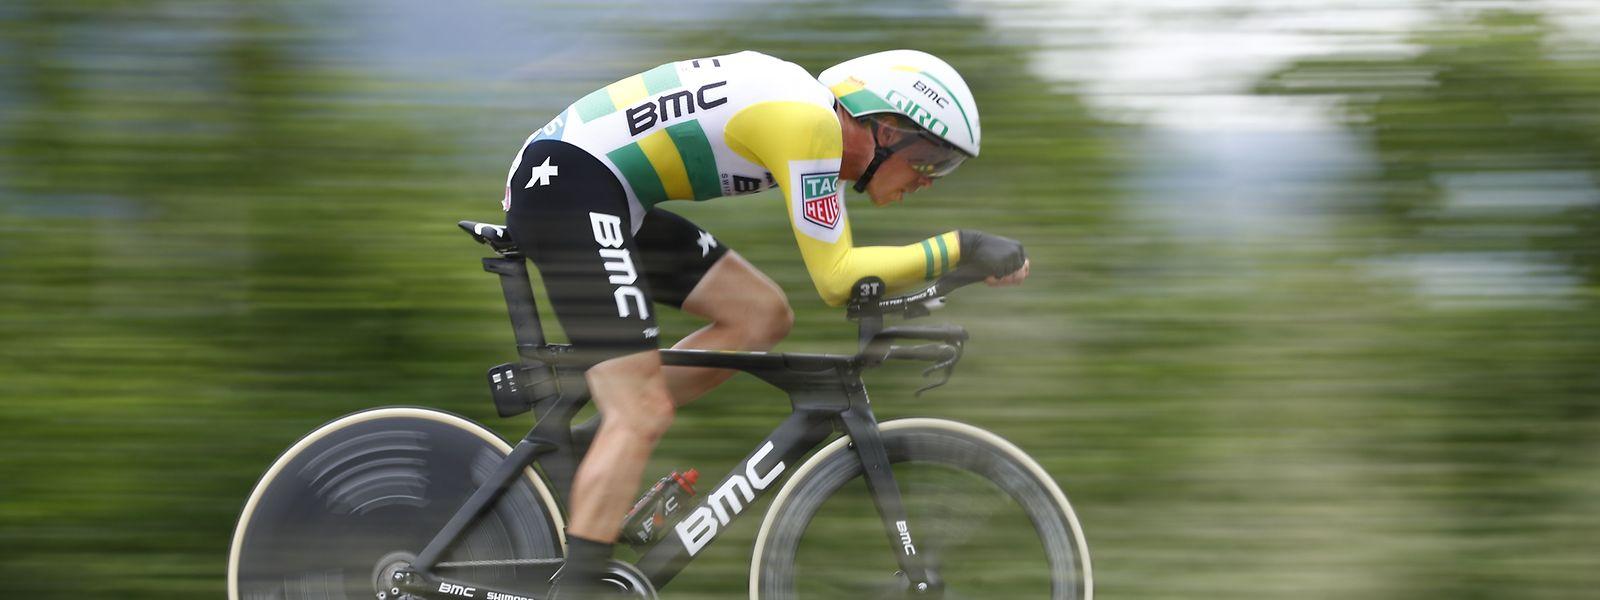 L'Australien Rohan Dennis (BMC) a bouclé les 34,2 km en 40 minutes chrono